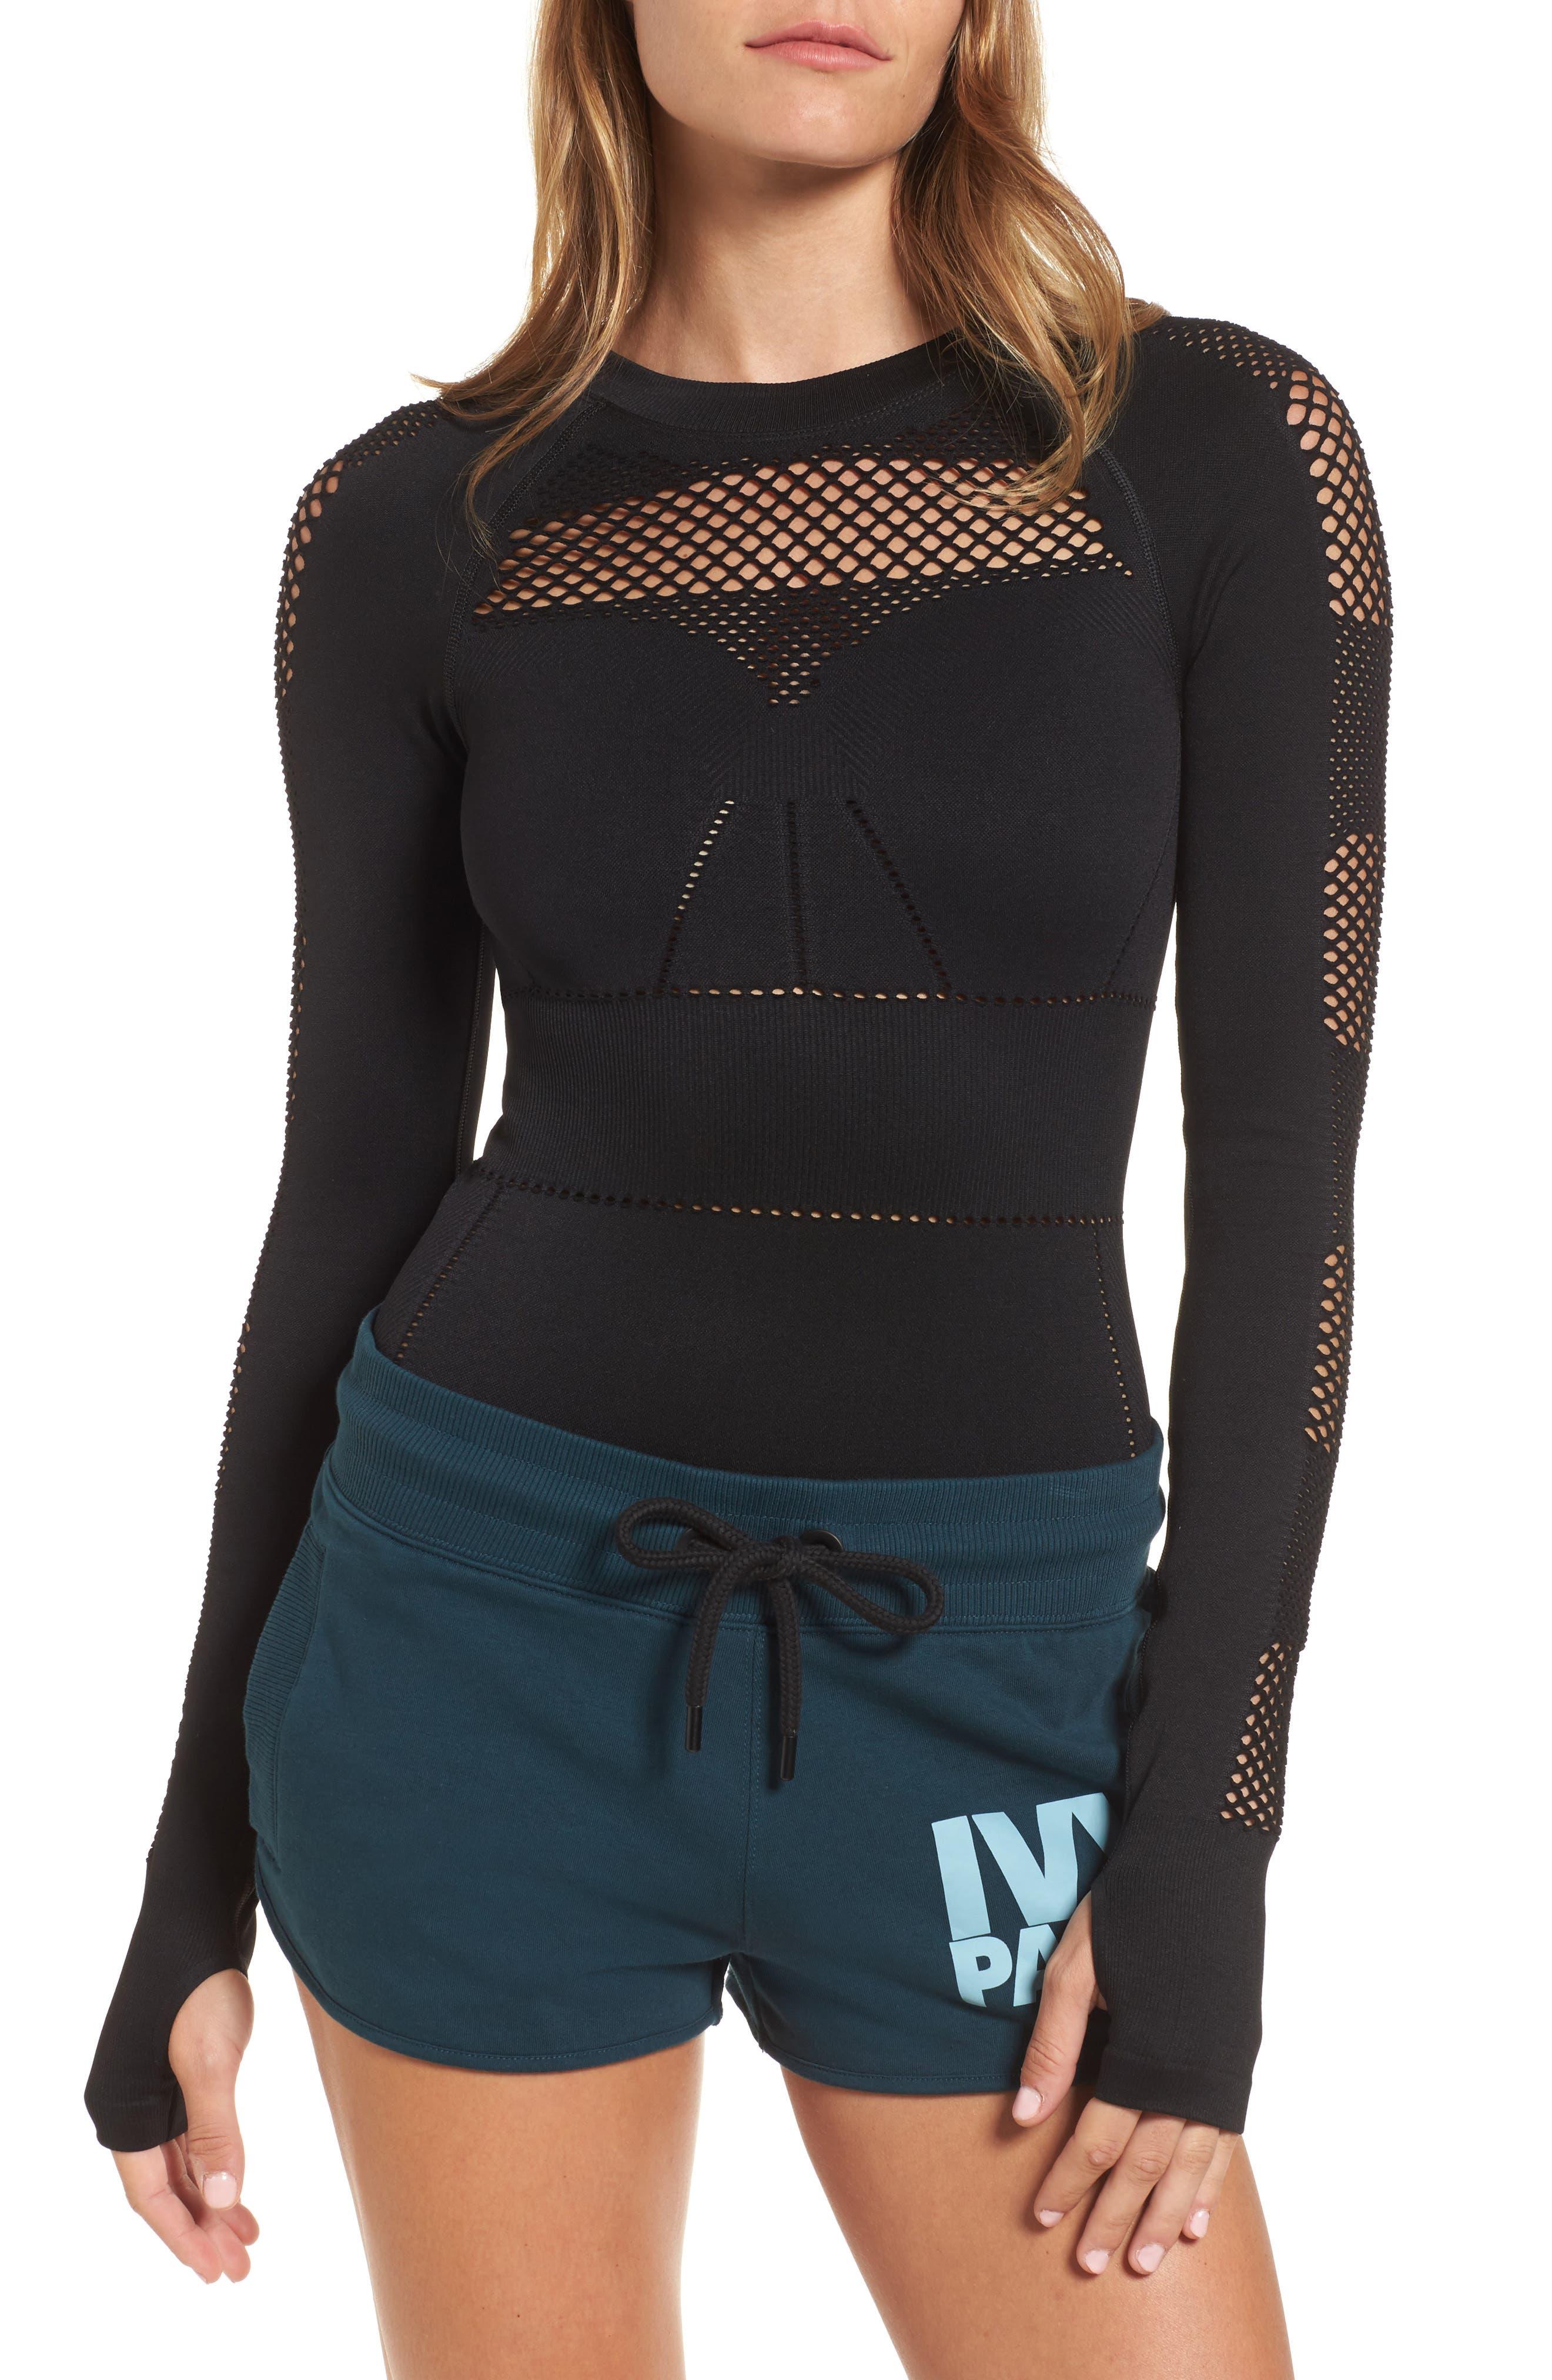 Main Image - IVY PARK® Net Bodysuit